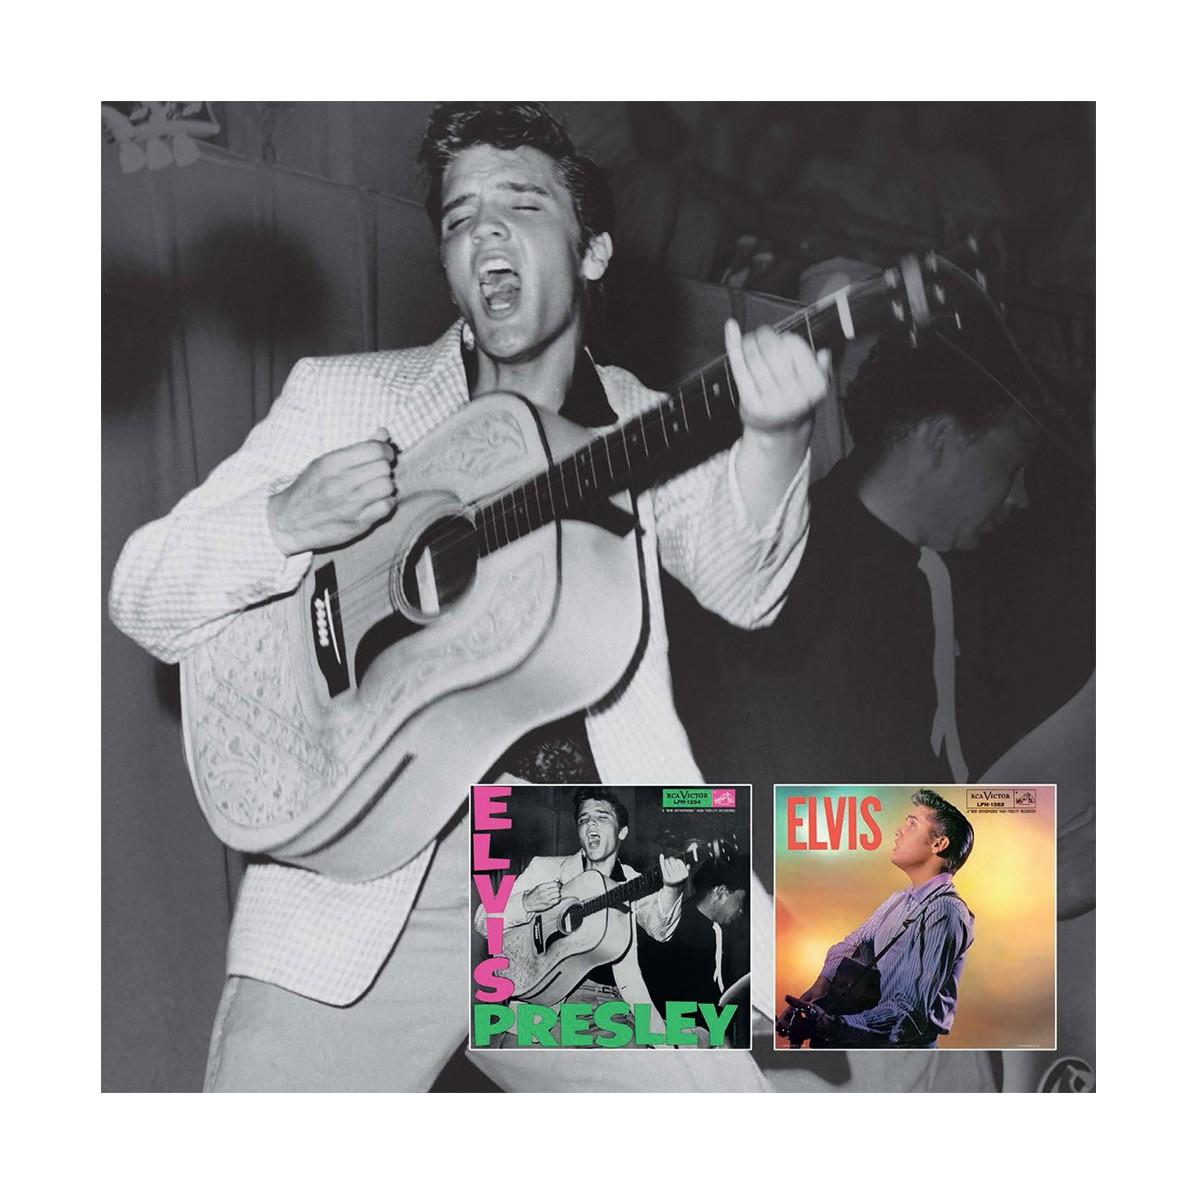 CD Duplo Elvis Presley - Elvis 1956